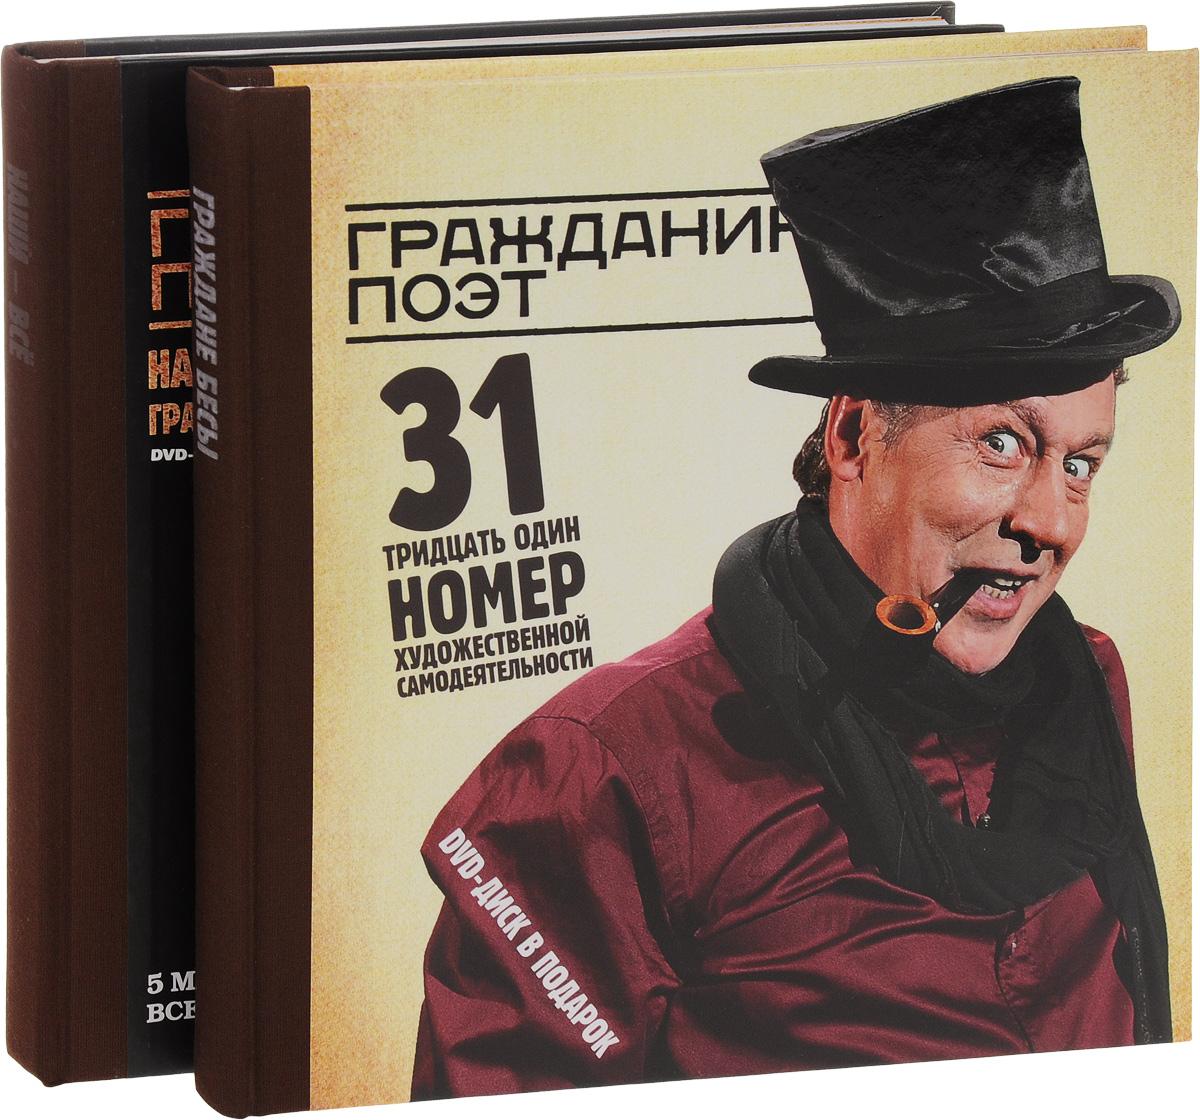 Гражданин поэт (комплект из 2 книг + 2 DVD)